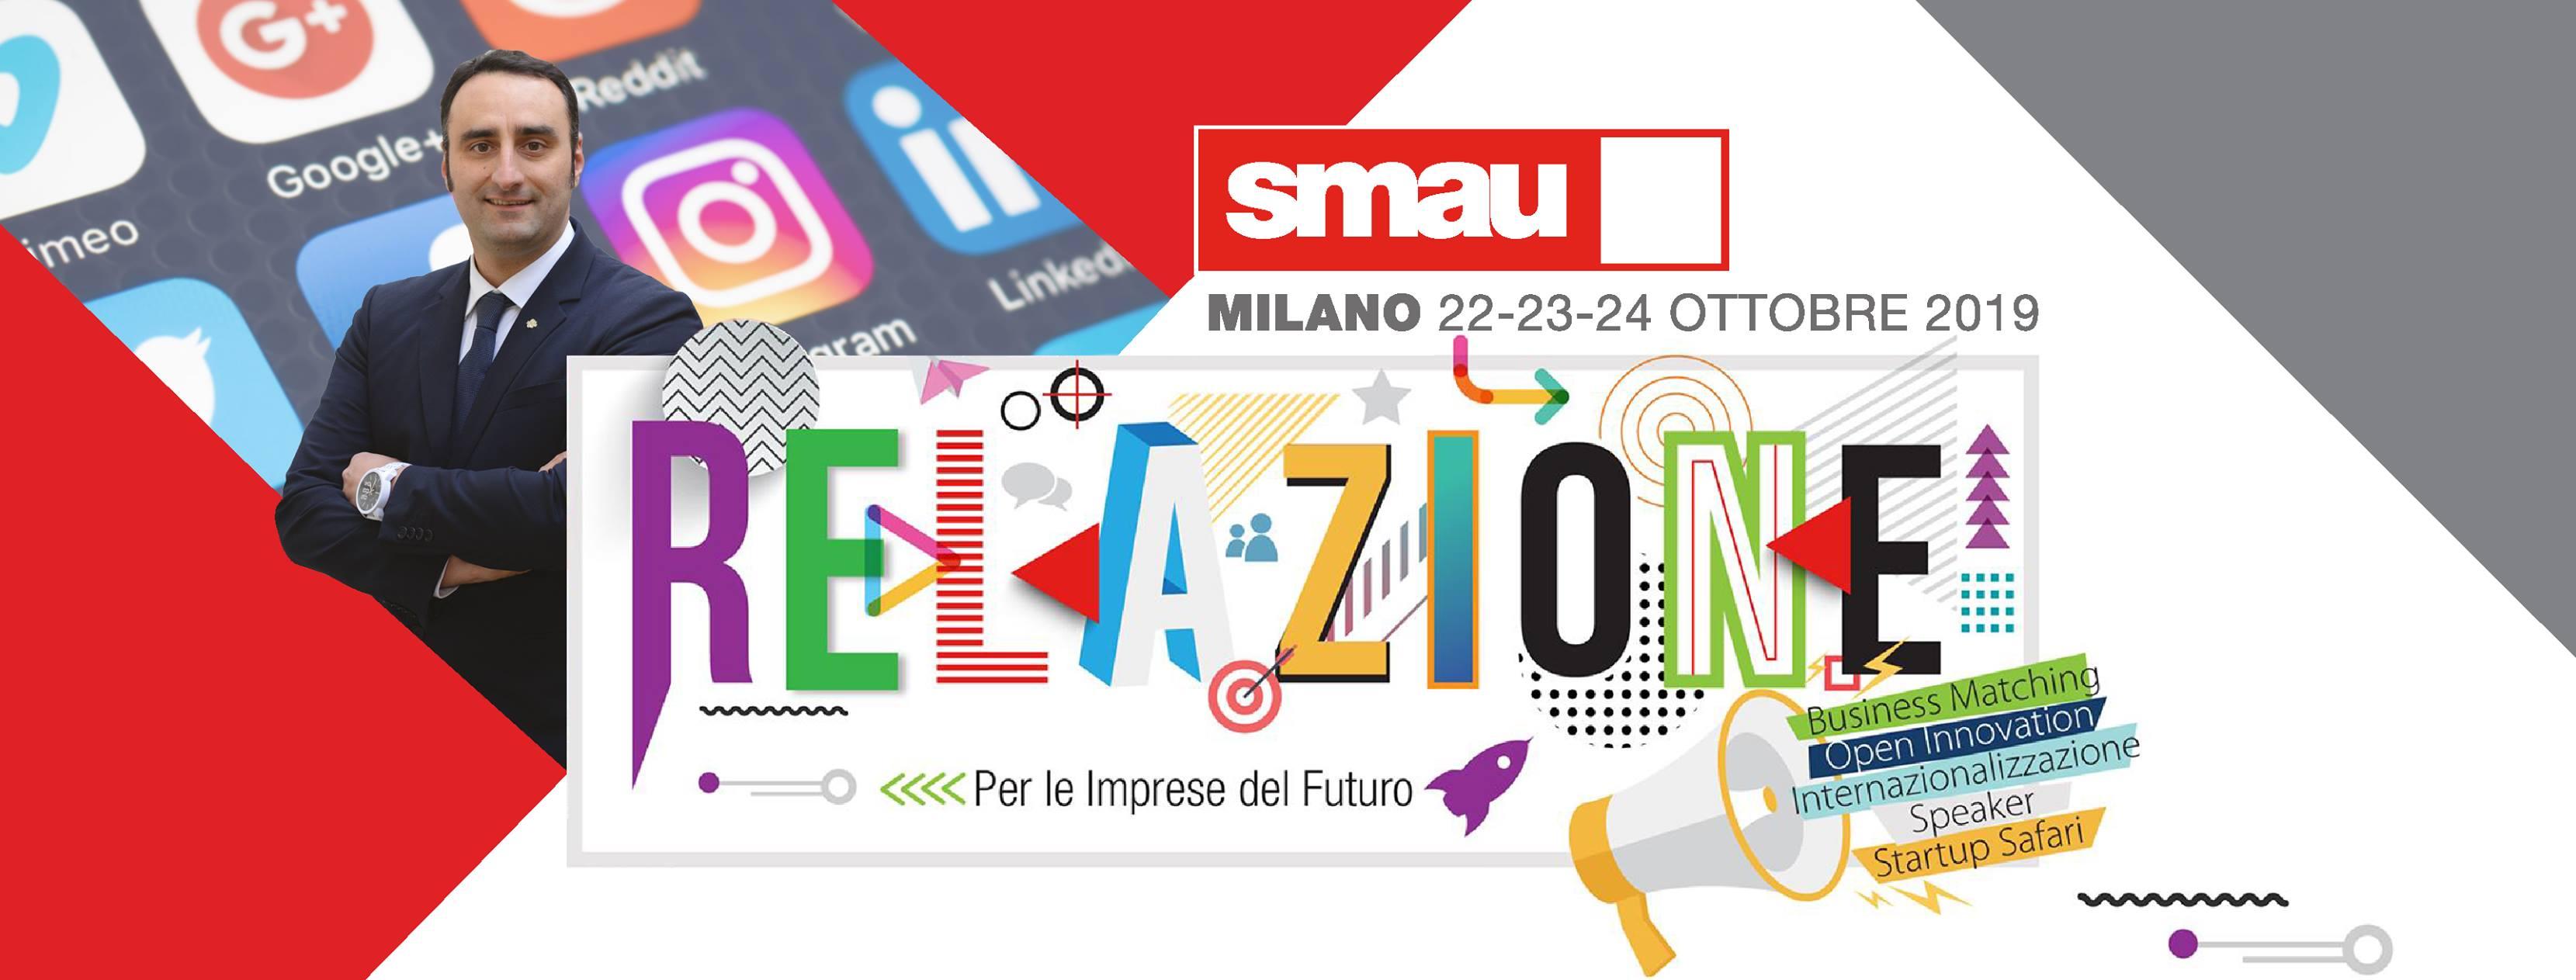 smau milano 2019 officinae-agenzia-lean-digital-marketing-management-comunicazione-school-scuola-formazione-matera-basilicata-milano